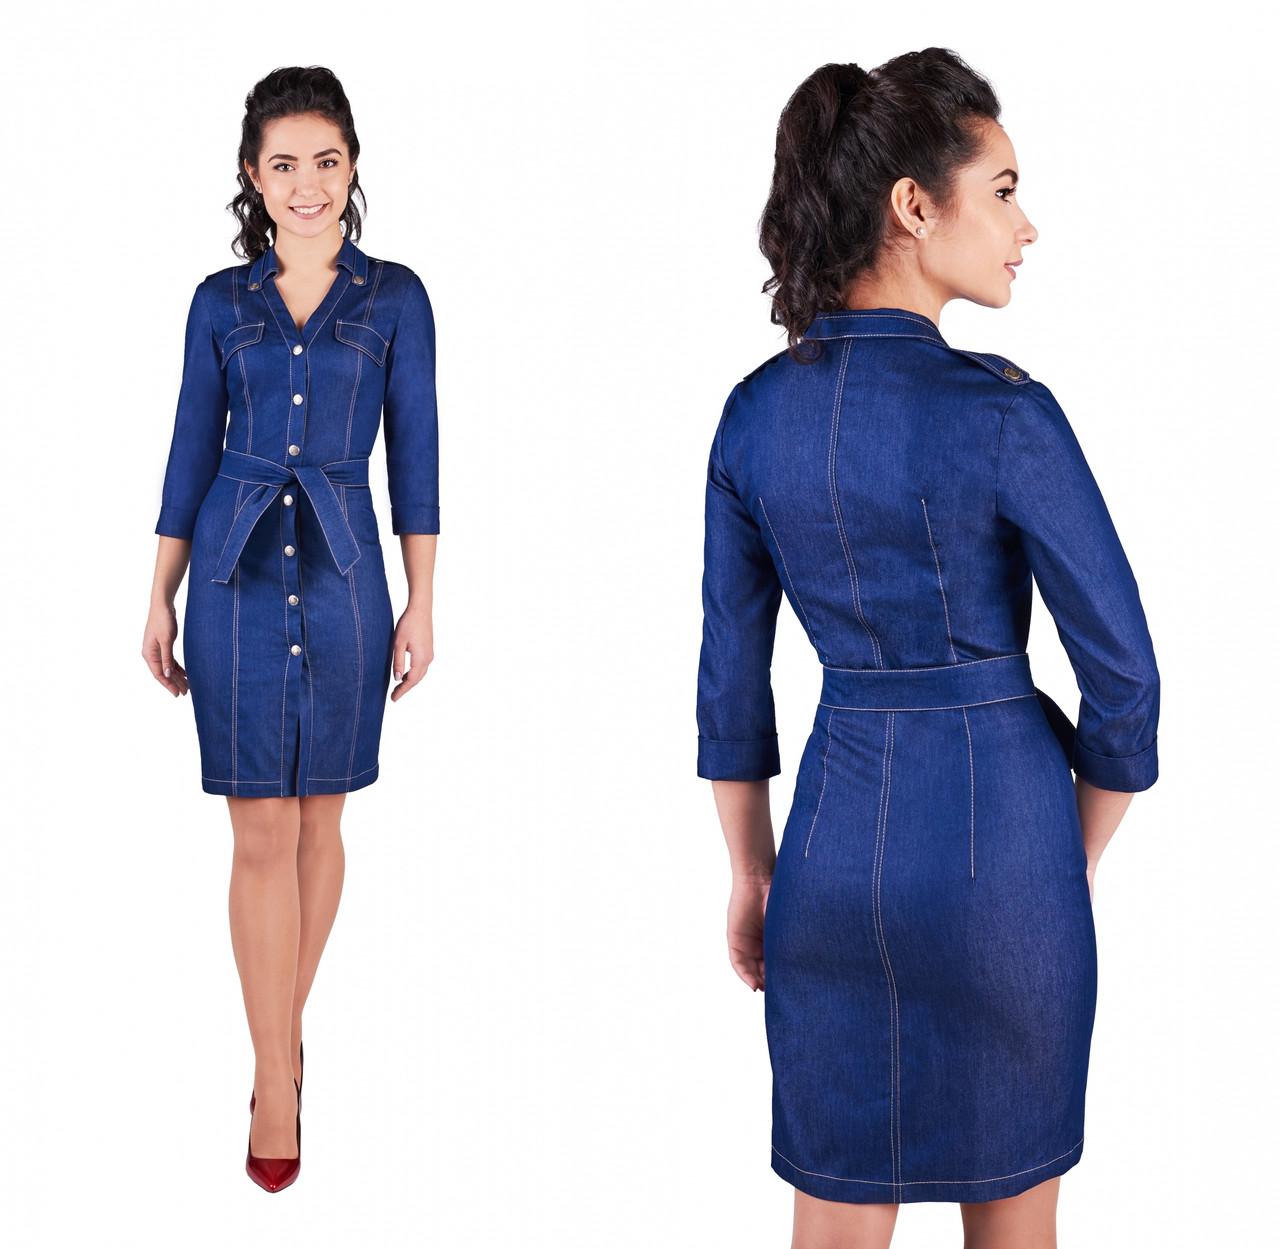 8b24b8ccb2accdf СТИЛЬНОЕ джинсовое платье с поясом NOBILITAS синий джинс хлопок (арт.  18010), цена 590 грн., купить в Одессе — Prom.ua (ID#896527588)